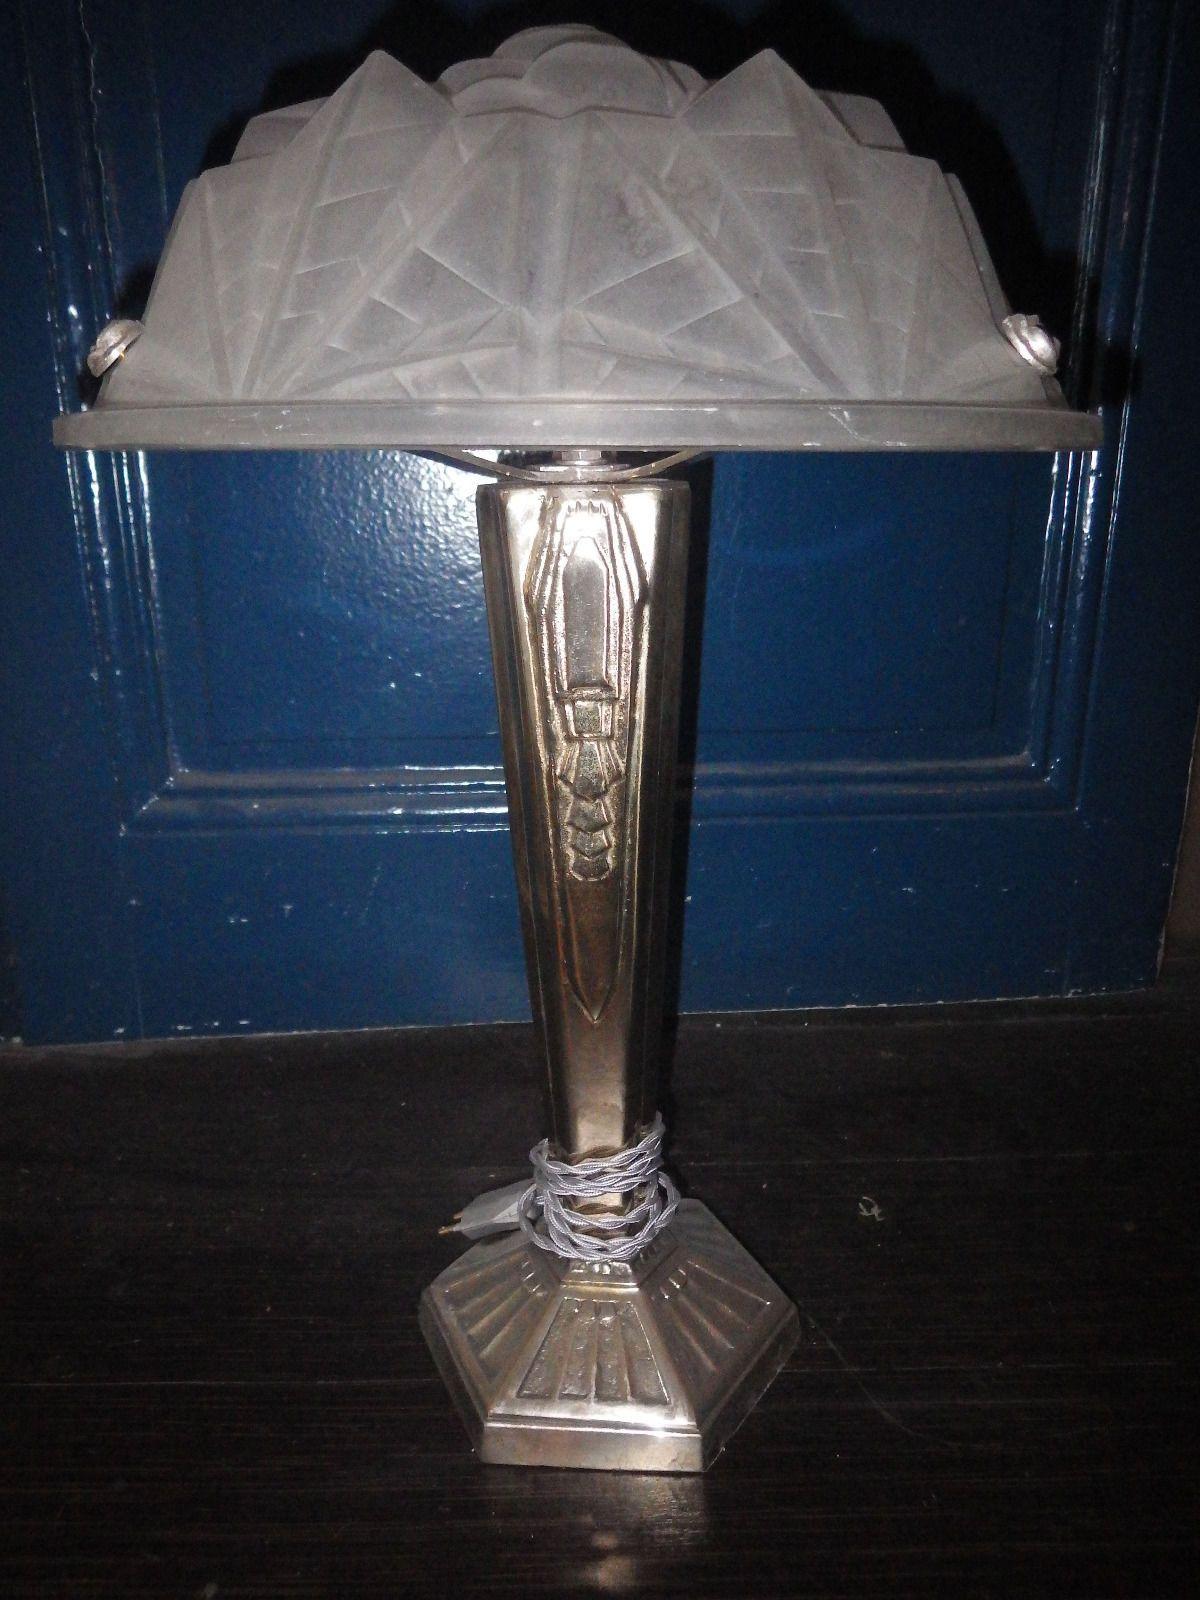 400d517ad3fa034d9d468c9238184380 Résultat Supérieur 60 Luxe Lampe Decorative Stock 2018 Ldkt